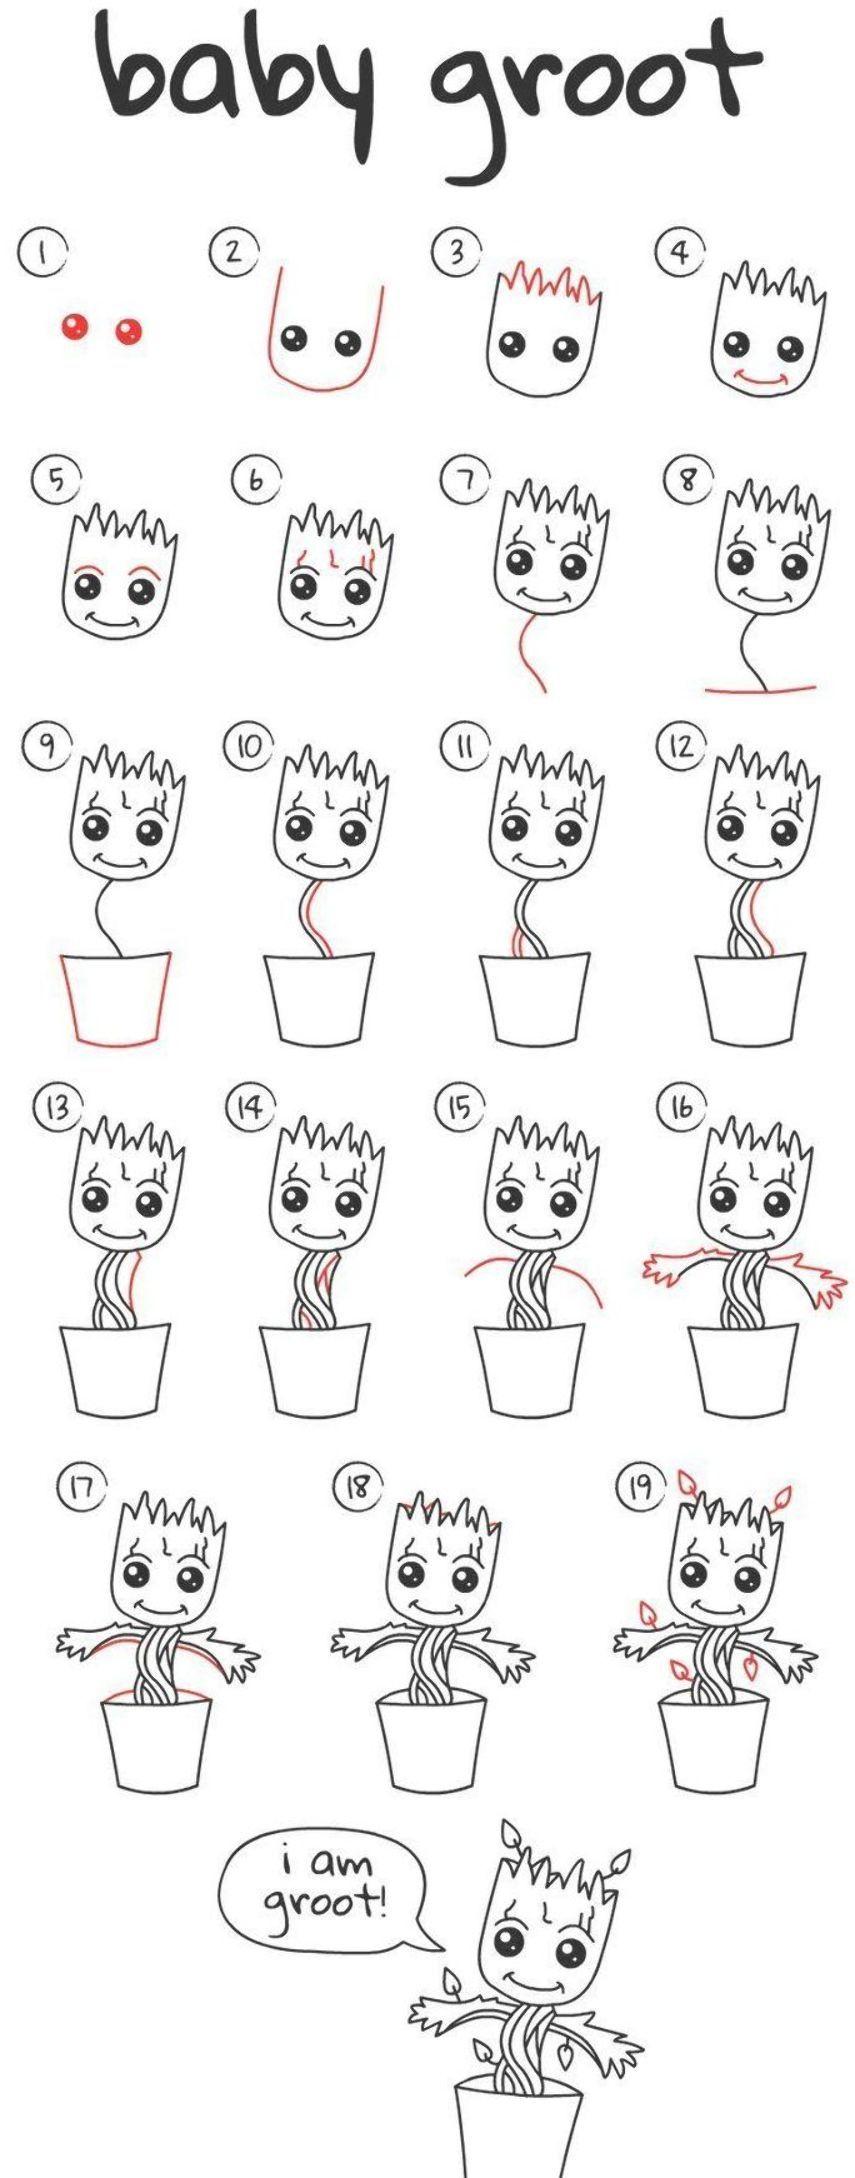 Drawing Designs Comment Dessiner Bebe Groot Dessin Facile Etape Par Etape Parfait Comment Designs Dessin Dessin Groot Dessins Faciles Mini Dessin